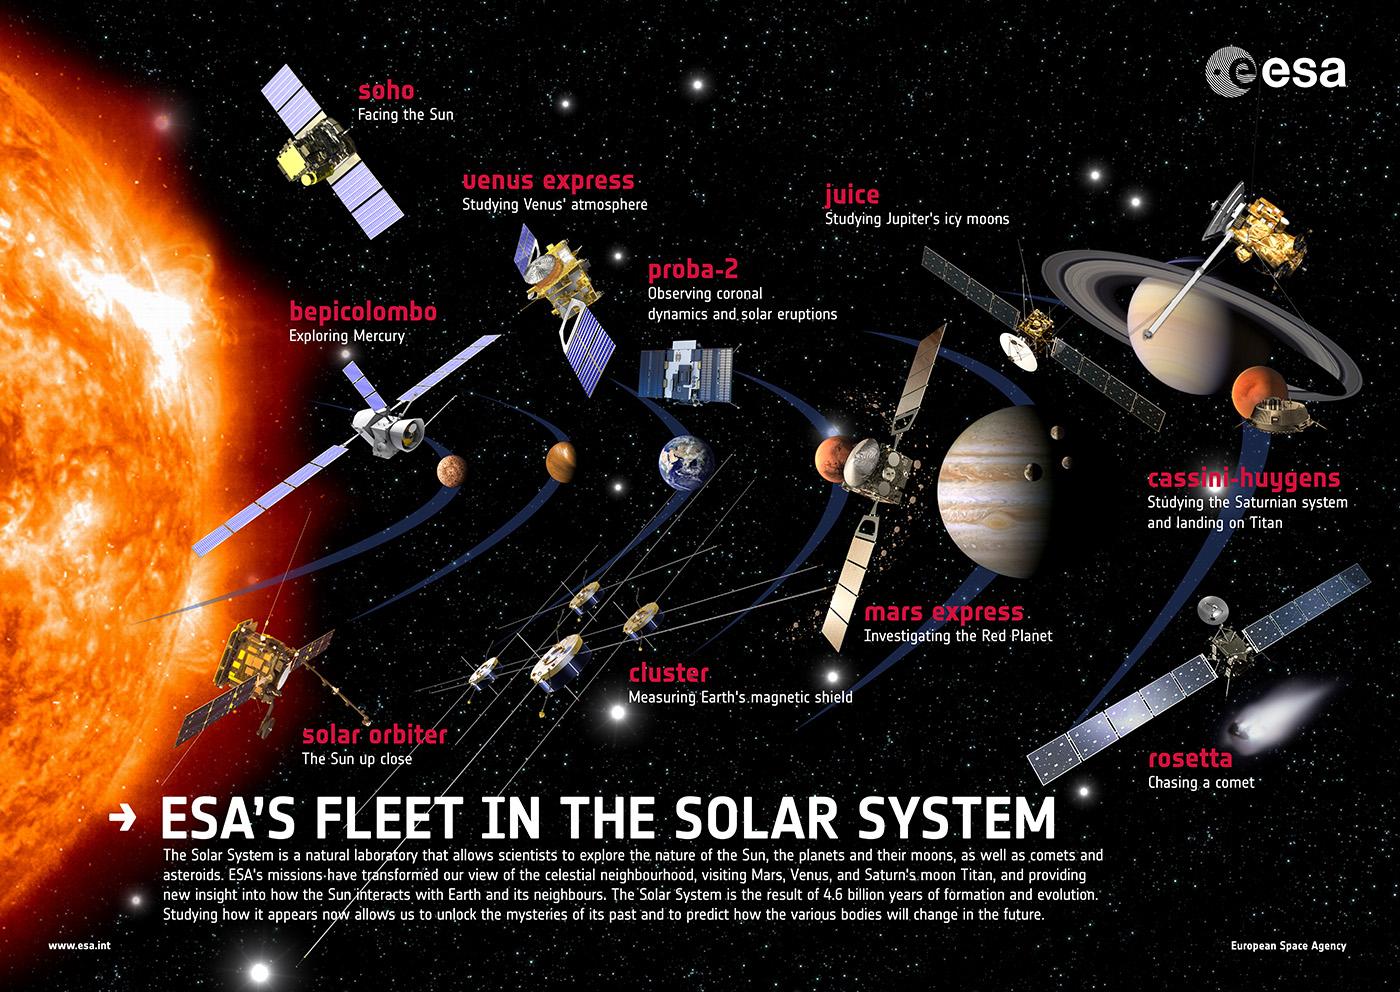 Le principali missioni di ESA nel sistema solare